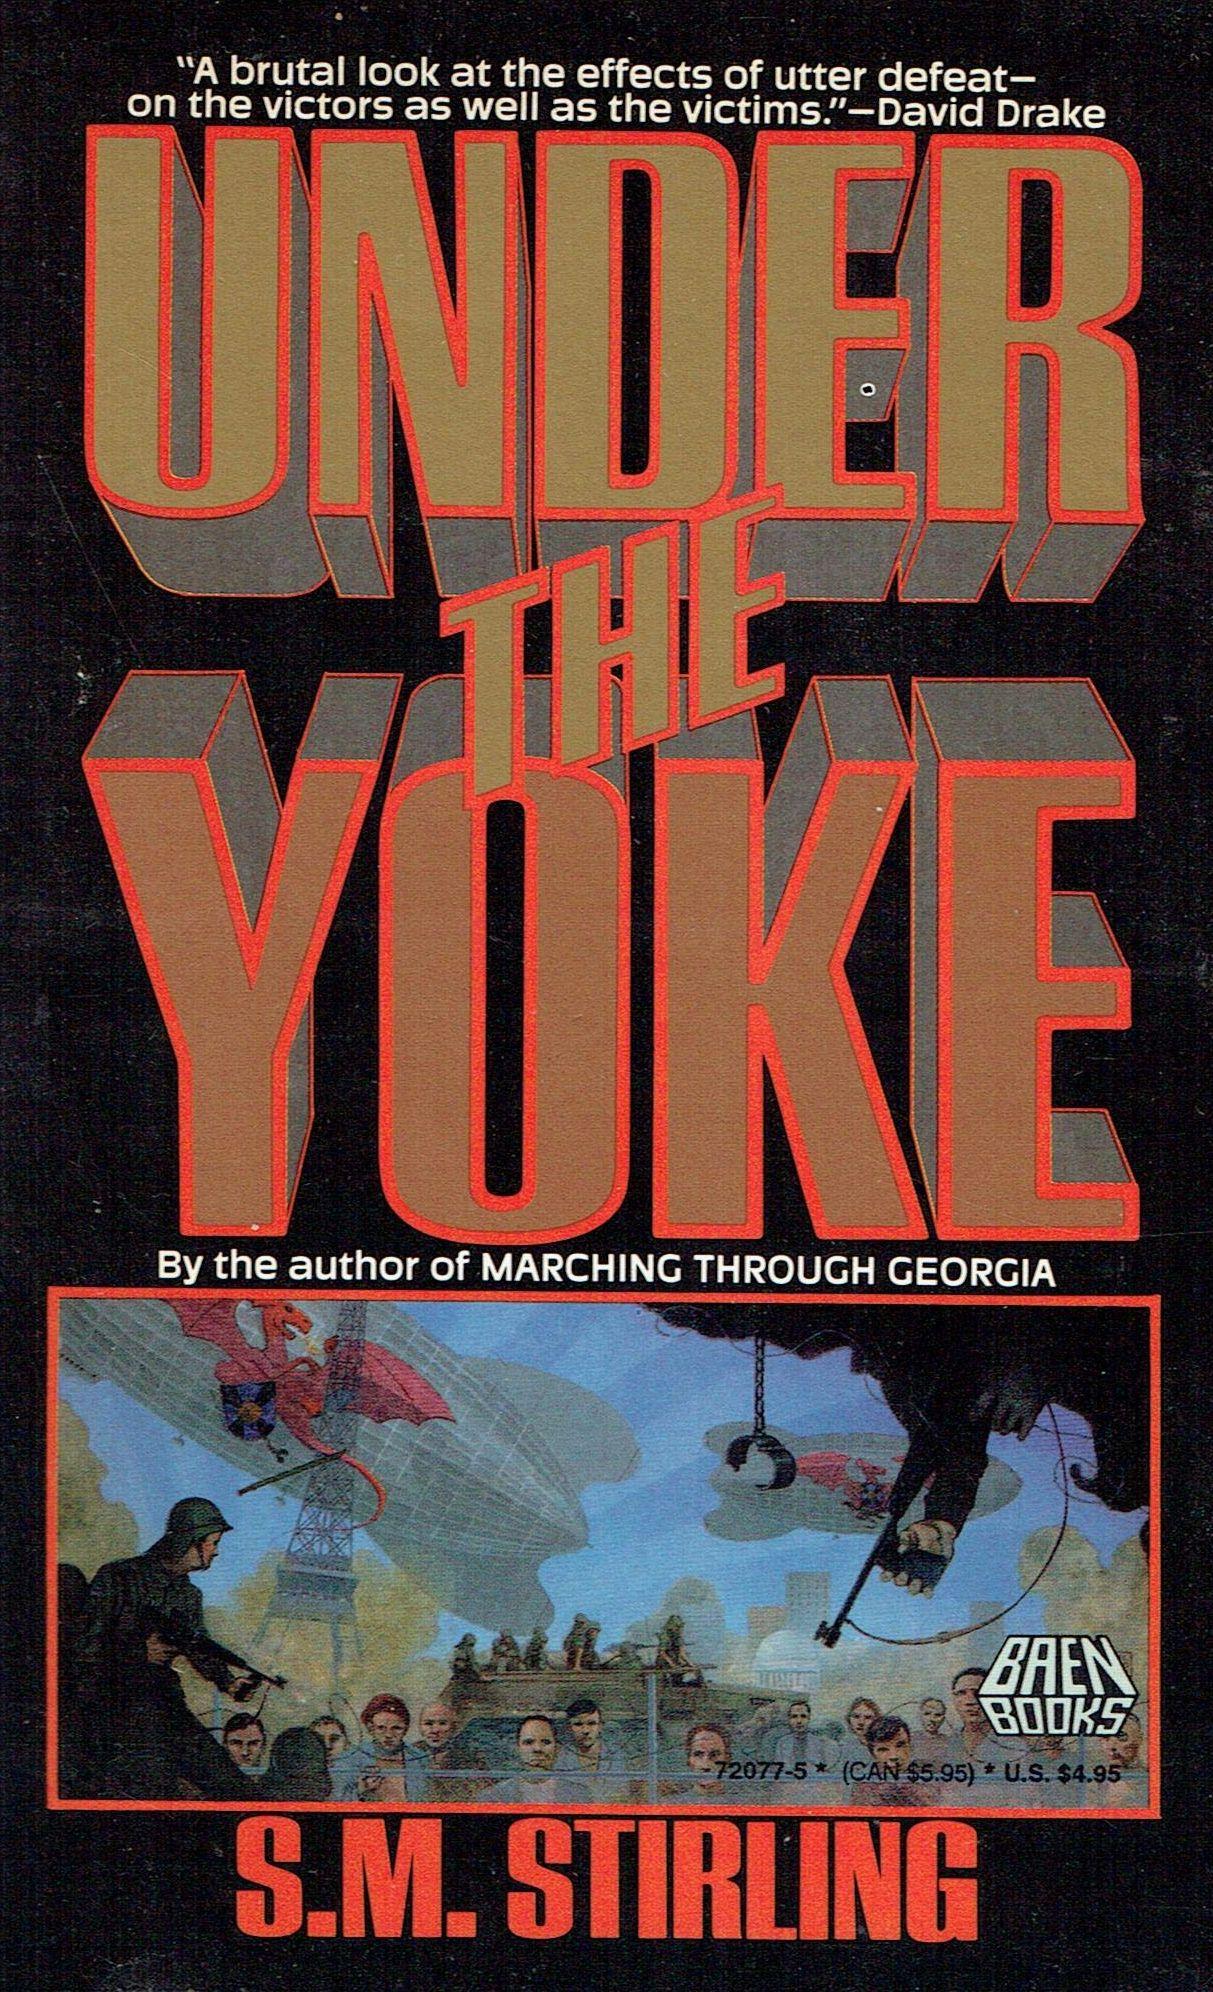 Under the Yoke, 1989